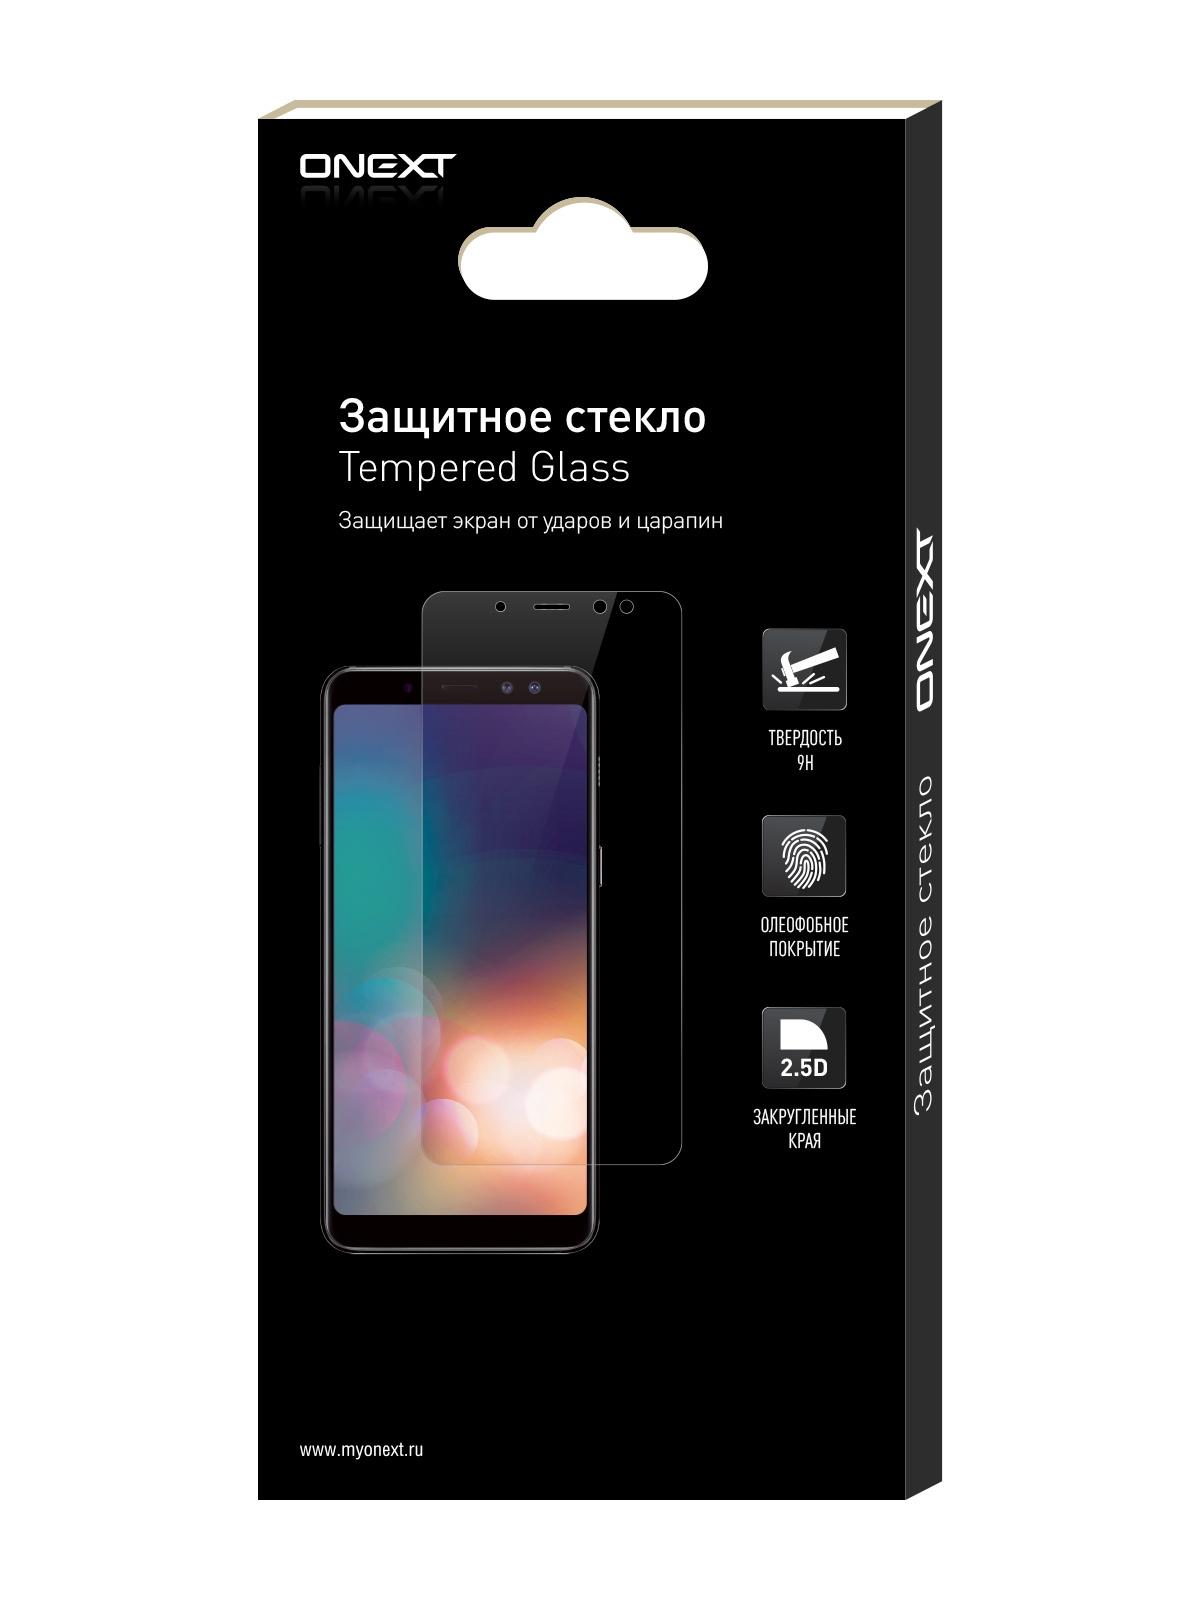 Защитное стекло ONEXT LG G4c стоимость